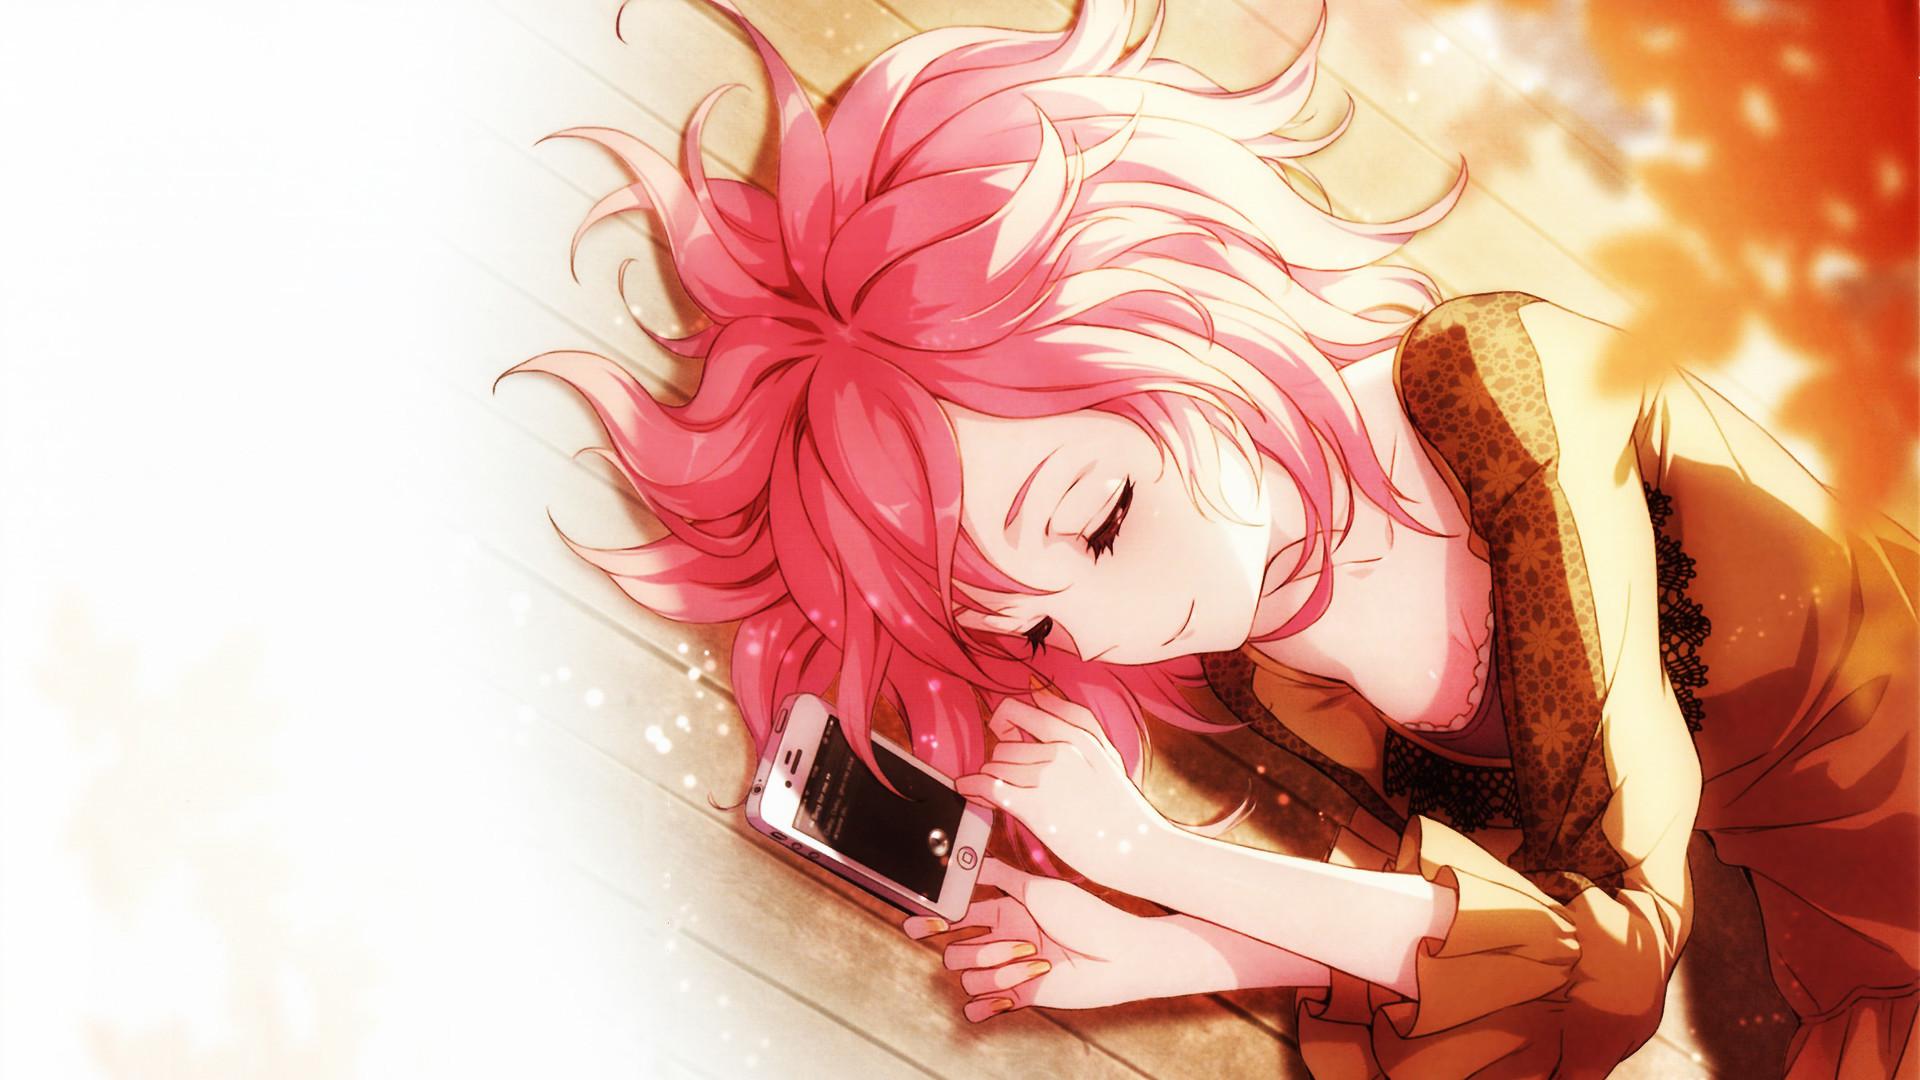 Картинка: Девушка, лежит, волосы, телефон, спит